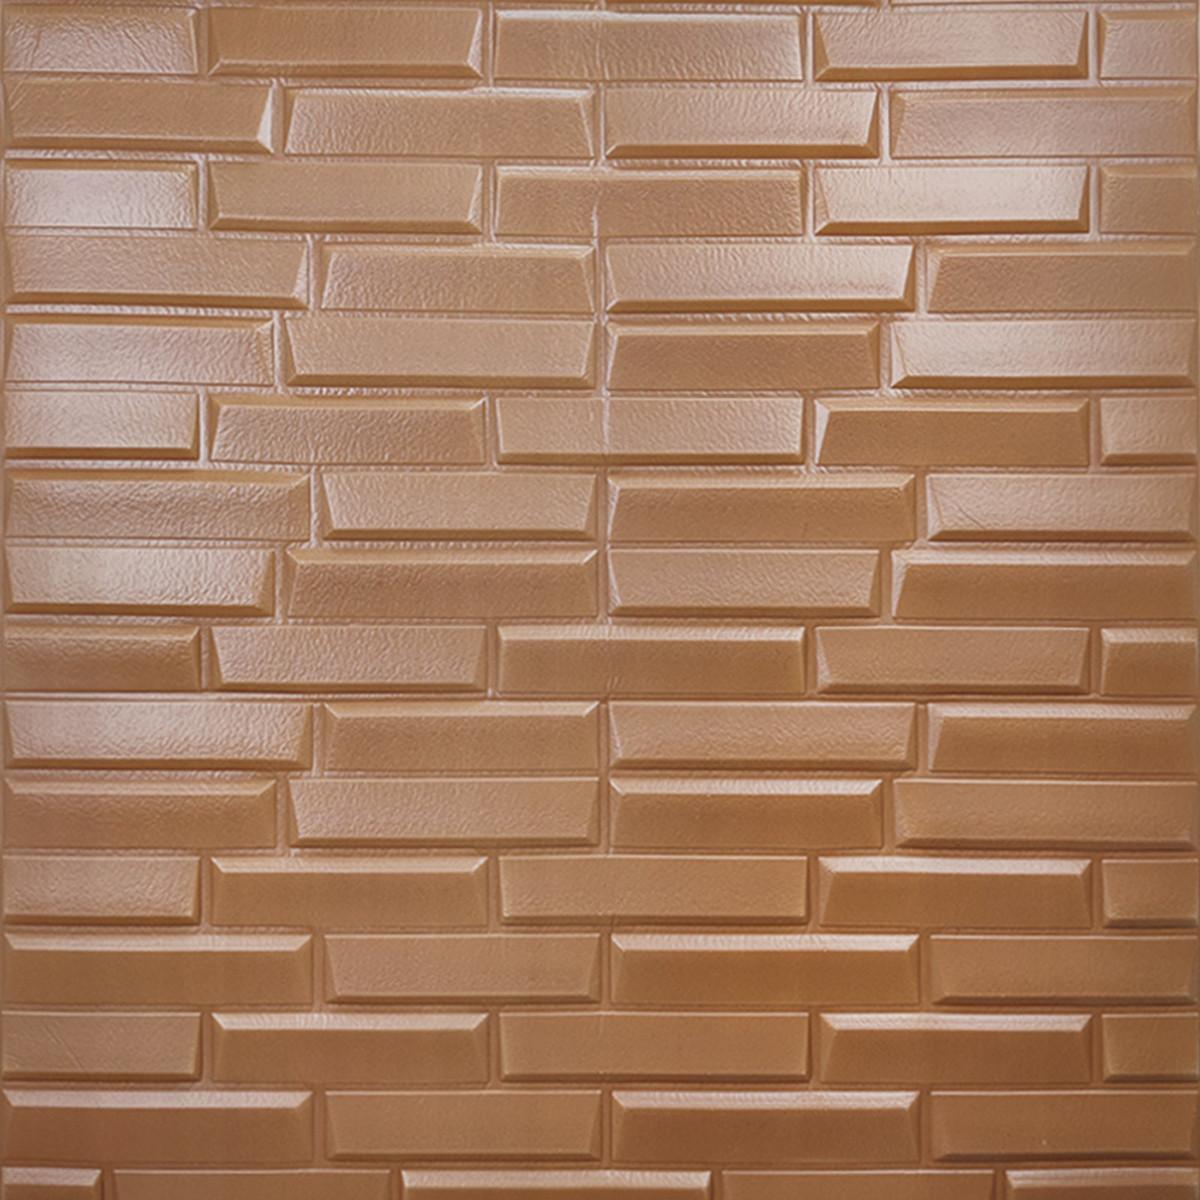 Самоклеюча декоративна 3D панель коричнева кладка 700х770х8 мм